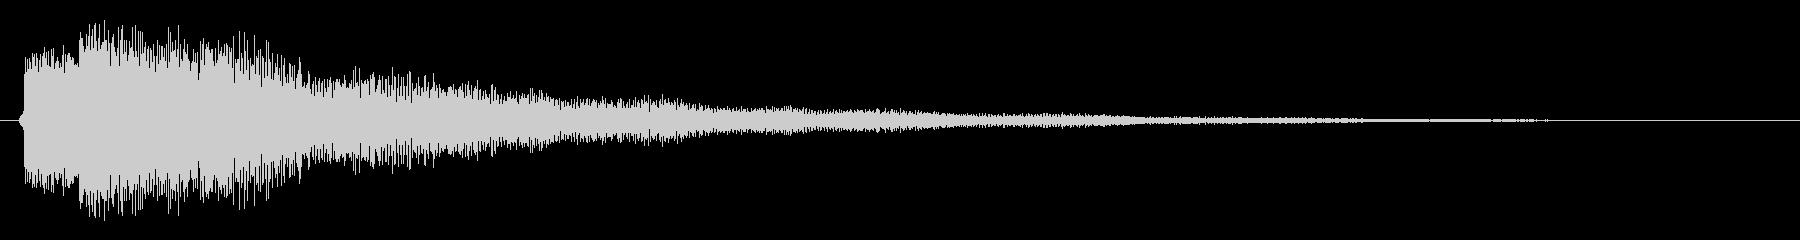 キラーン(下げ系)の未再生の波形